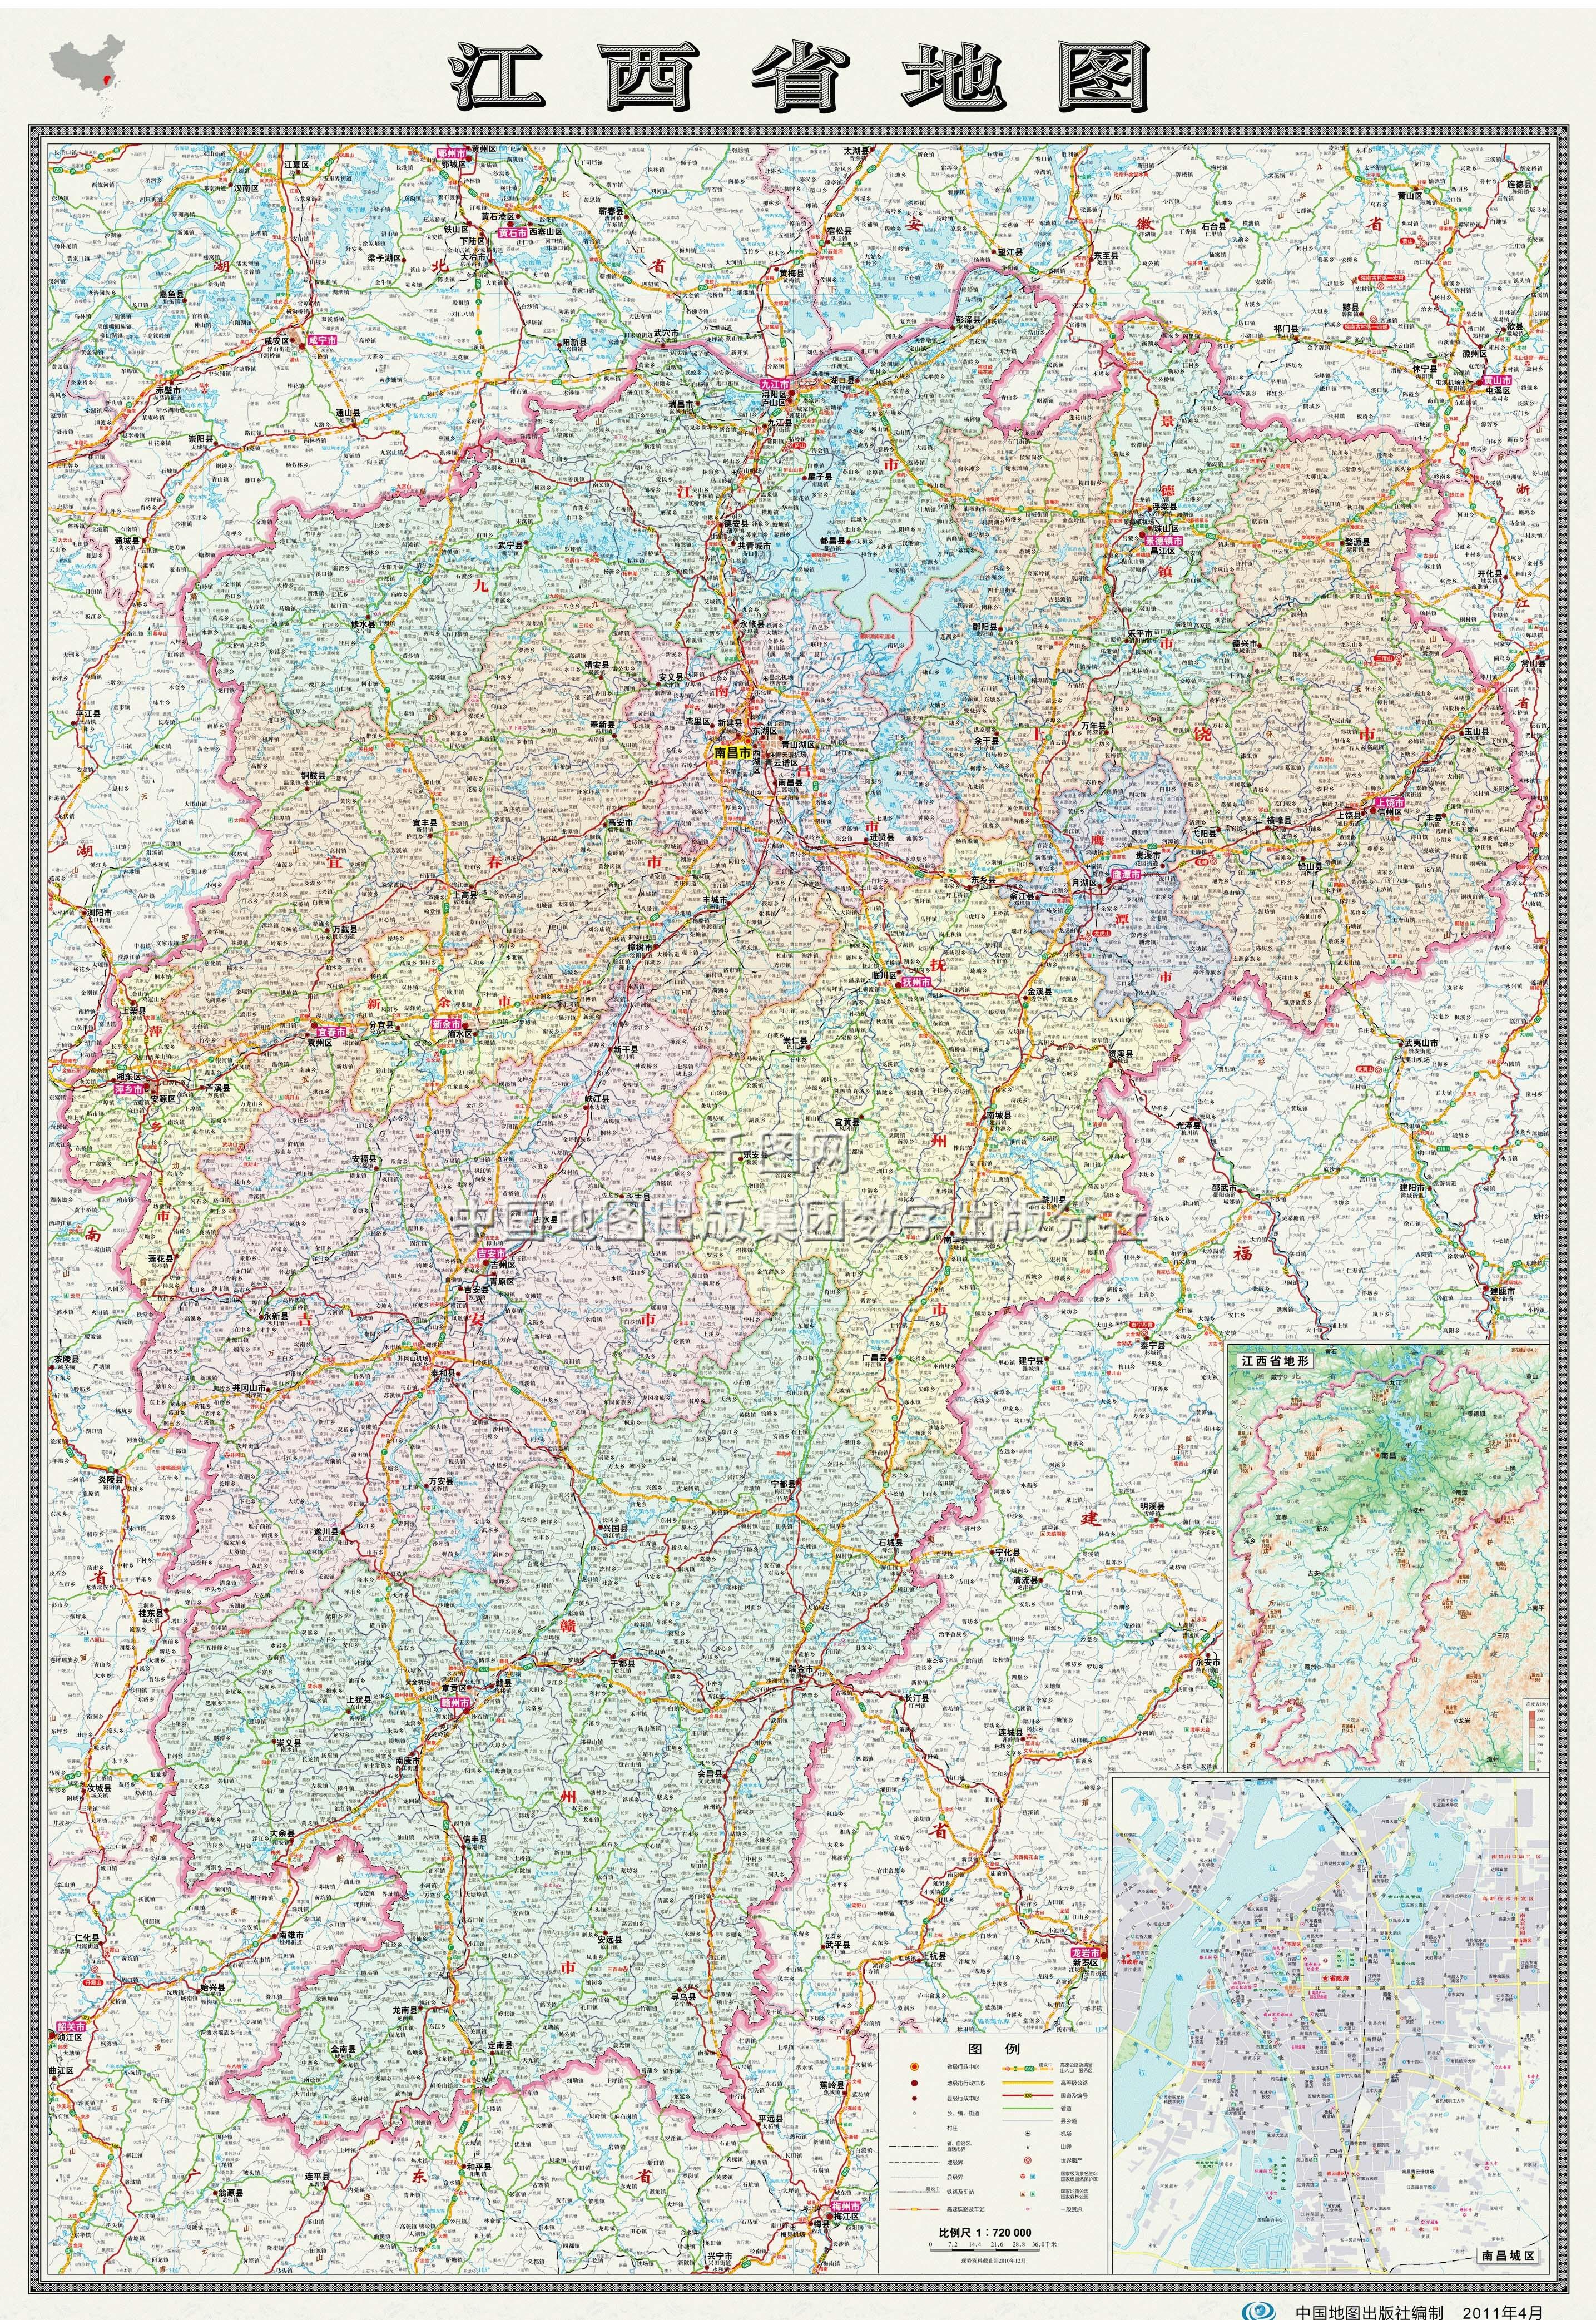 澳门地图澳门地图全图高清版 澳门旅游景点地图 图